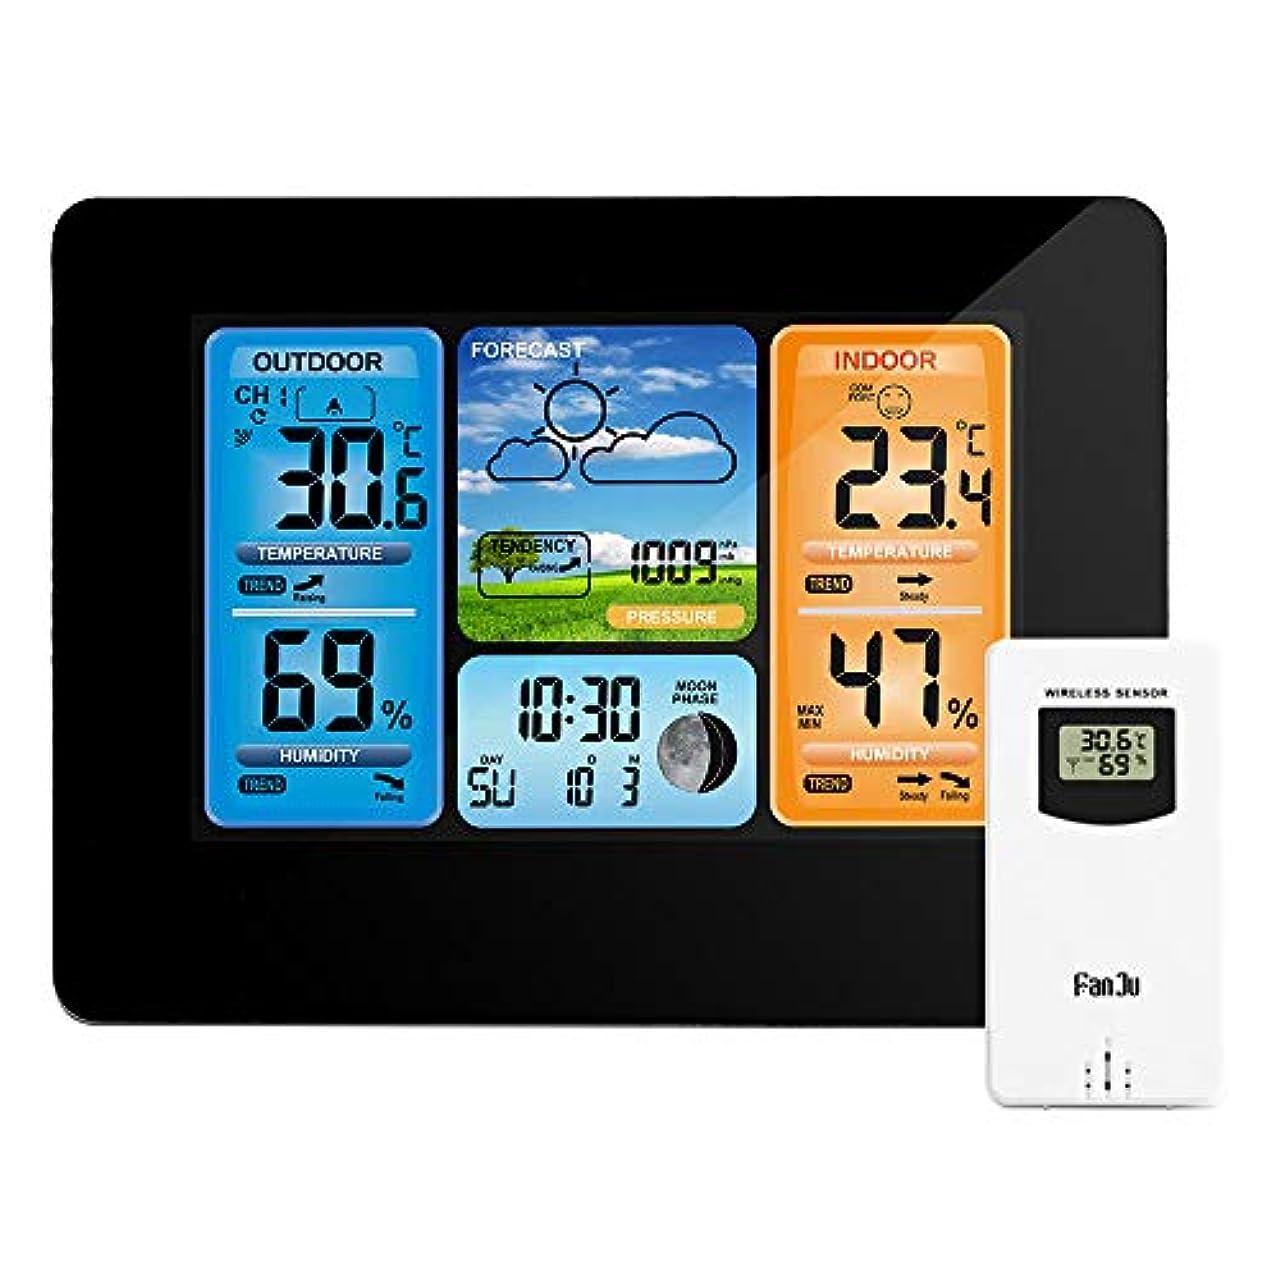 ガイダンス矛盾する放出天気ステーションデジタル温度計湿度計ワイヤレスセンサー予測温度時計ウォールデスク目覚まし時計